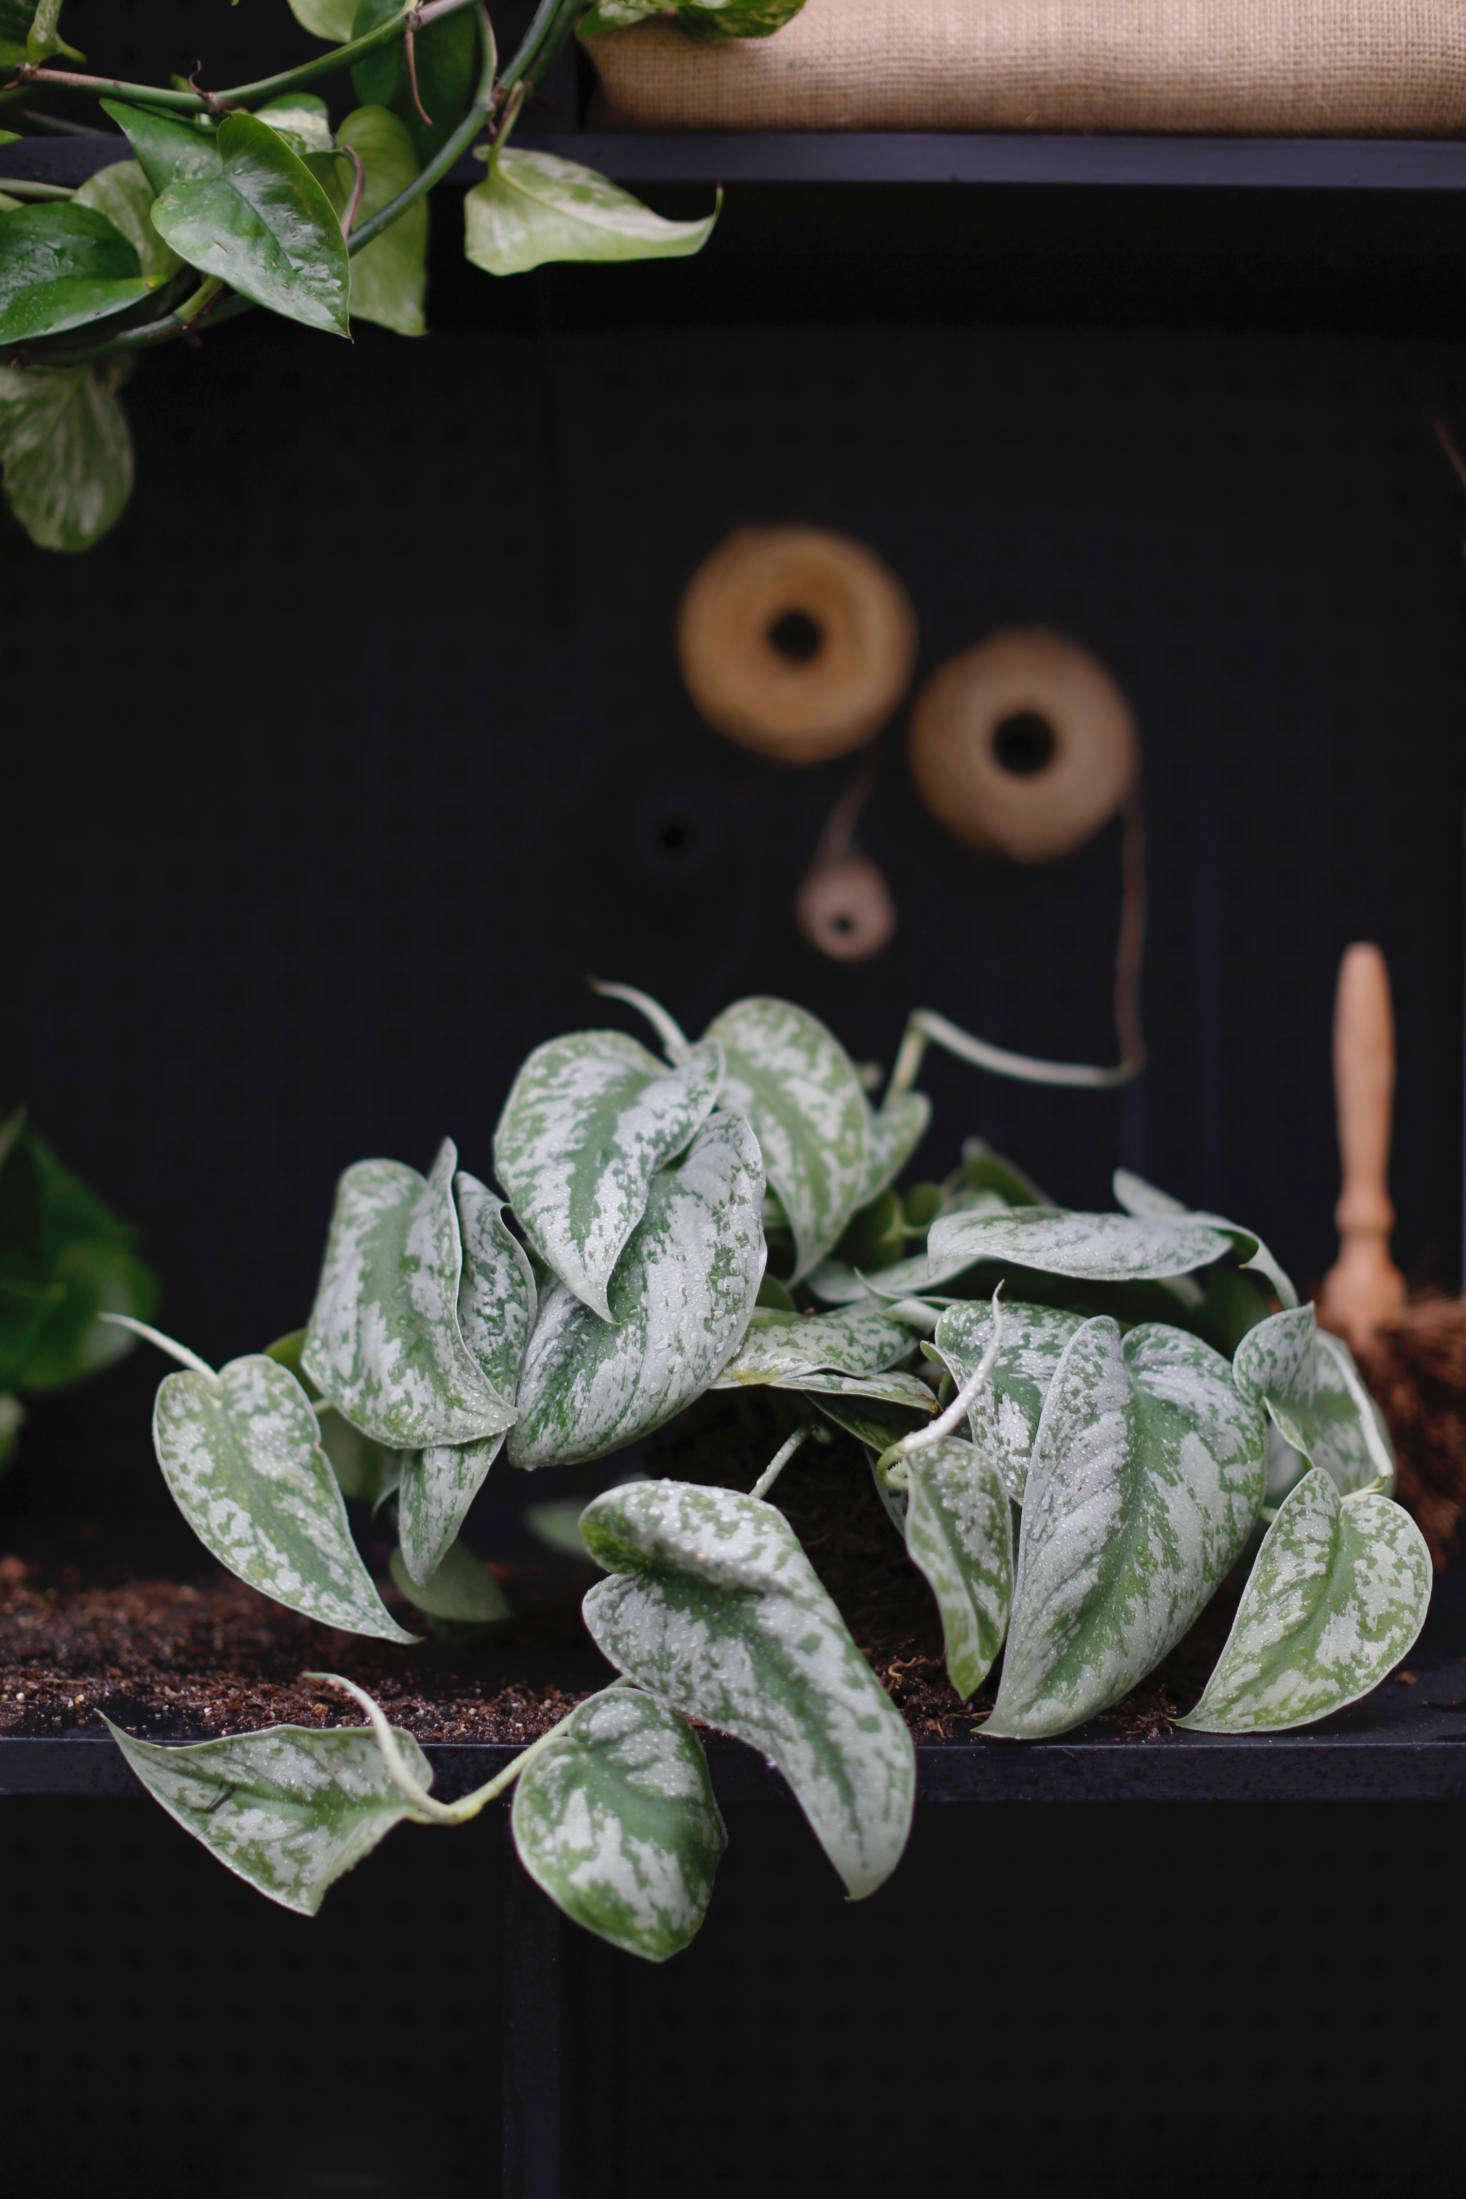 Satin pothos (Scindapsus pictus&#8